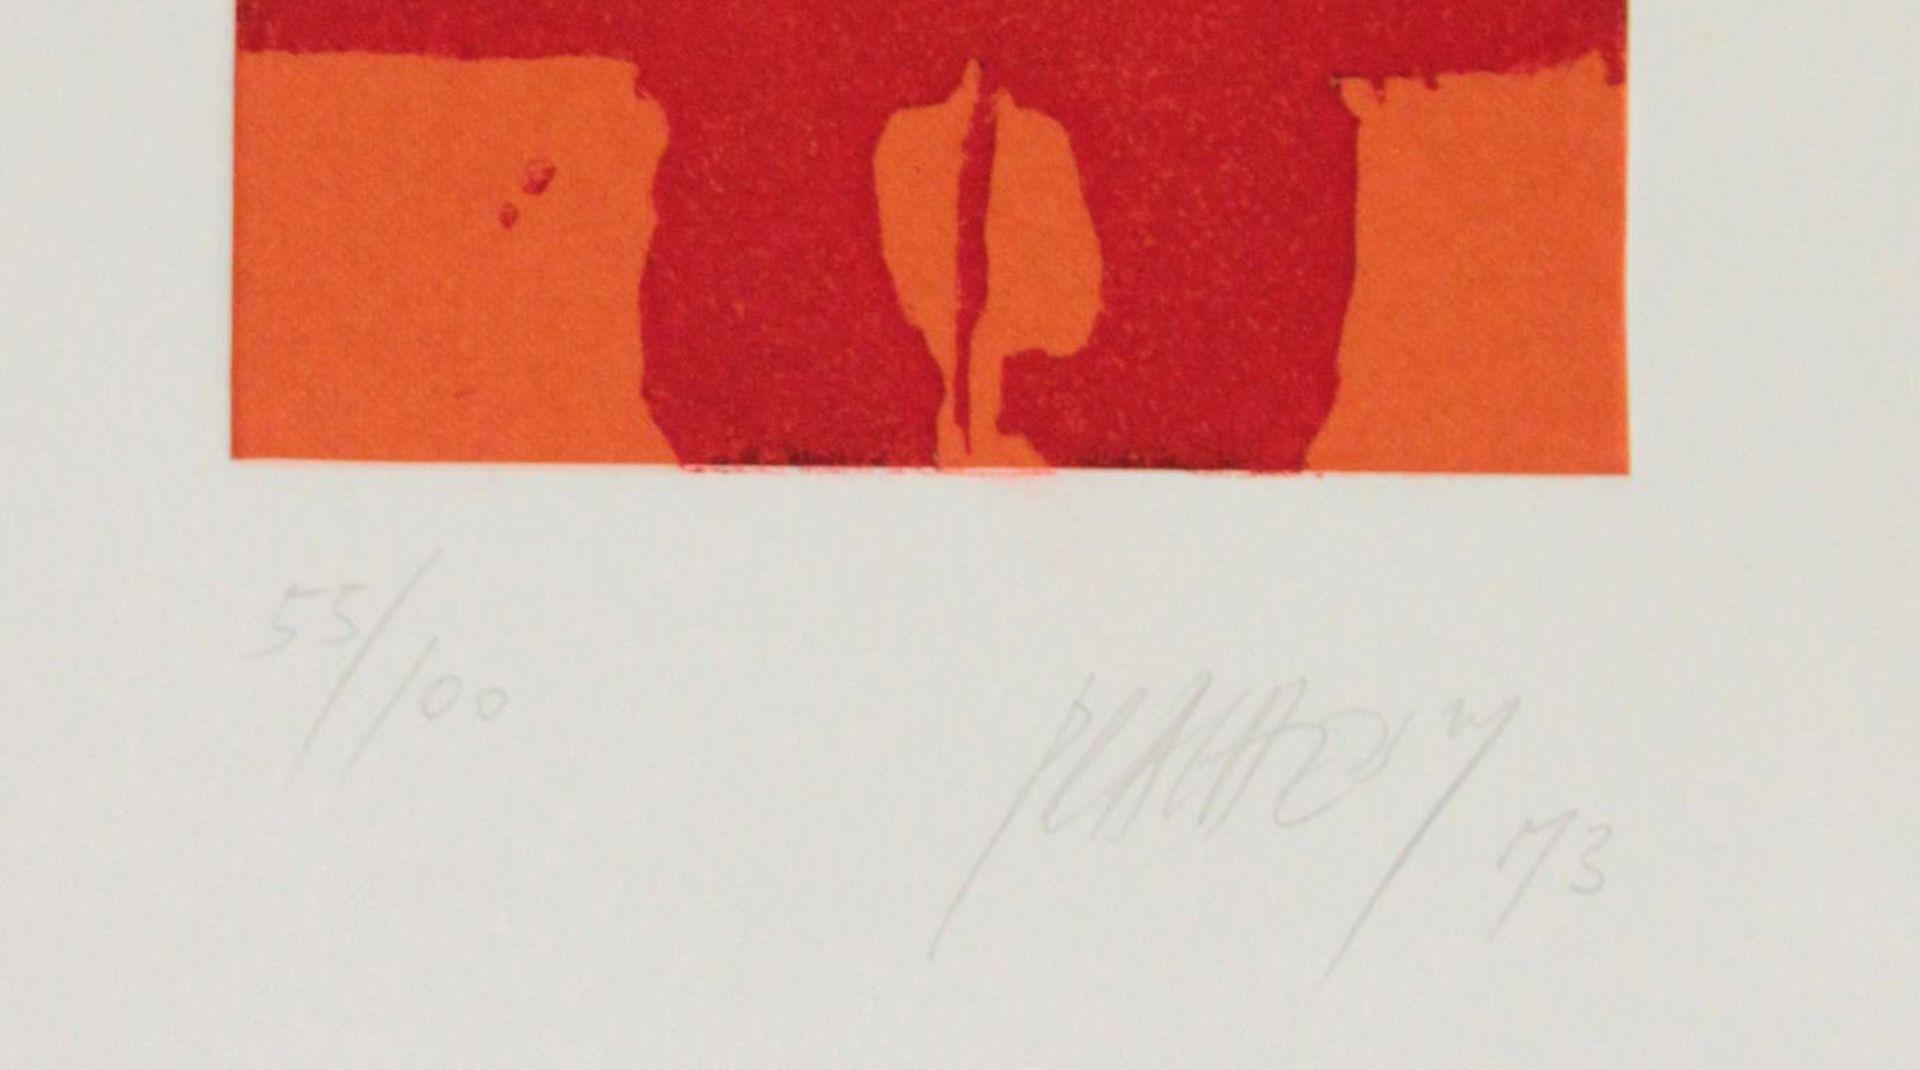 Los 51 - Prachensky Markus (1932-2011) Ohne Titel 1973 Prägeradierung handsigniert und nummeriert 55/100 34,5